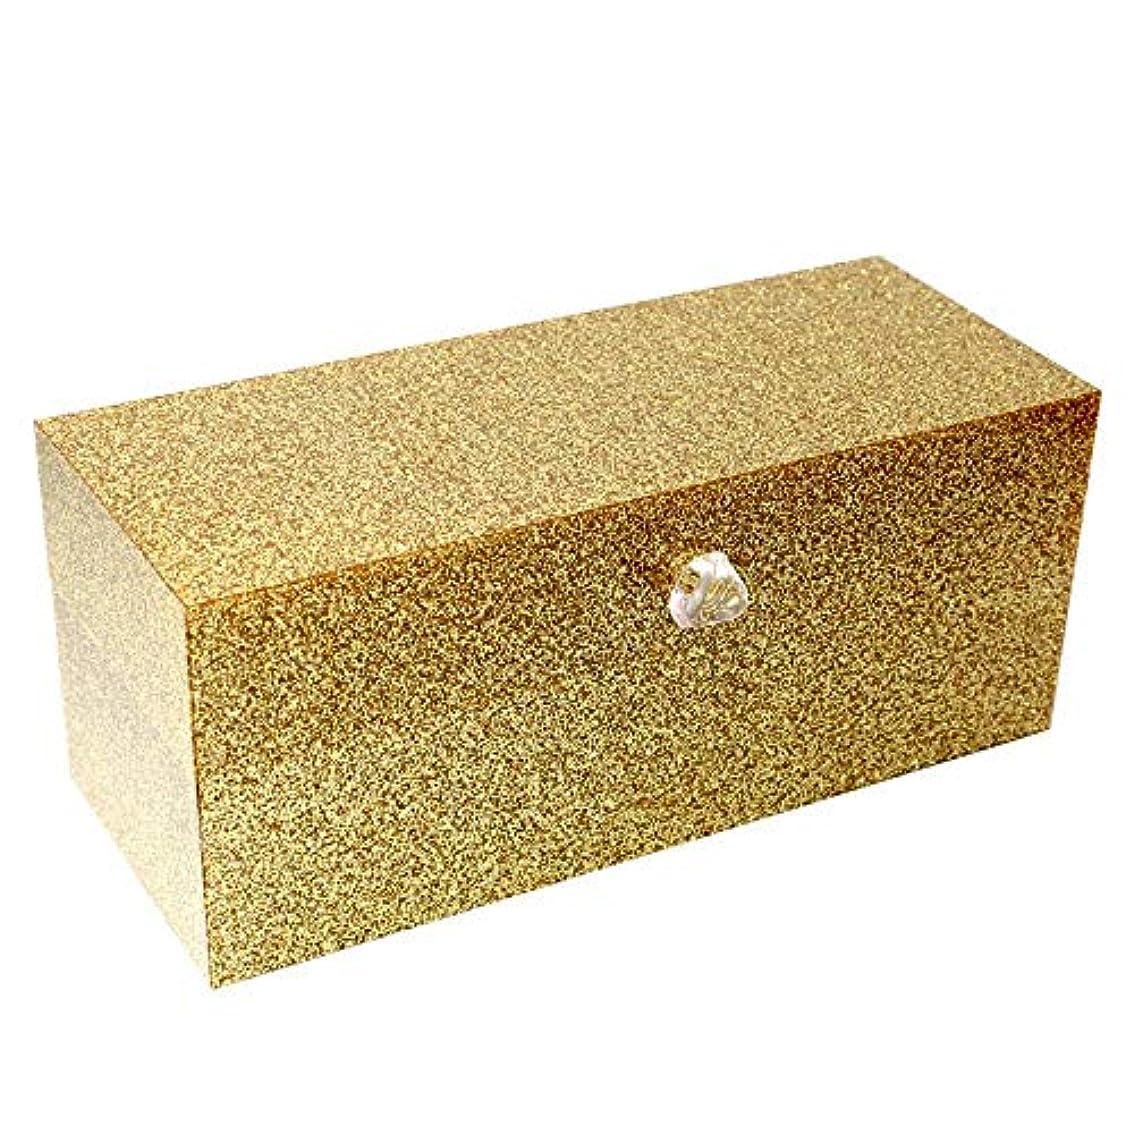 焼く魔術師共和国整理簡単 口紅のアクリルの付属品を収納するための24のコンパートメントが付いている簡単な構造の貯蔵ふたが付いているオルガナイザー(金) (Color : Gold, Size : 23*9.5*9.2CM)